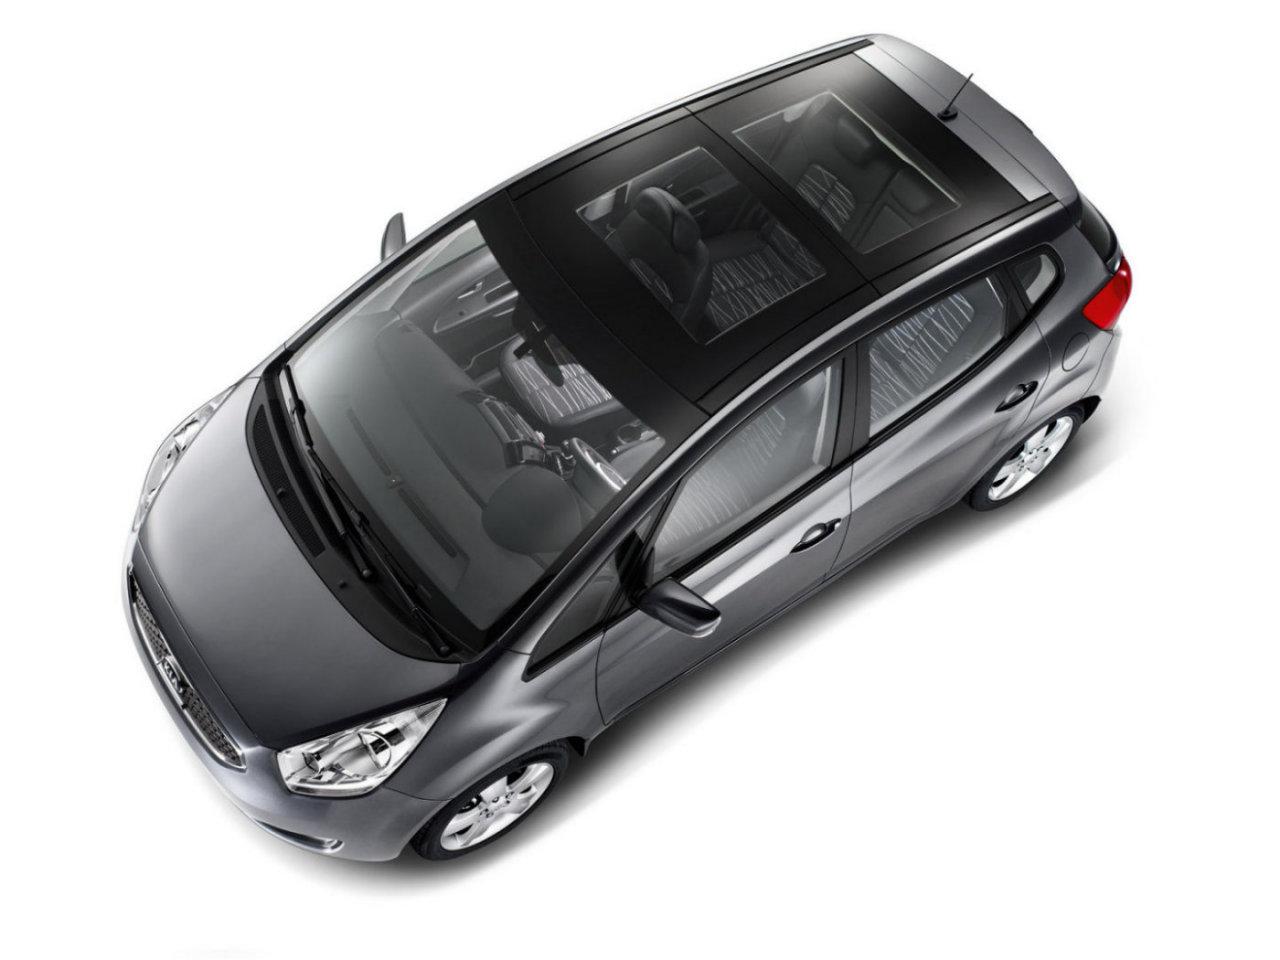 b96614e333ef Citroёn C3 Picasso - наследник Nissan Note и лучший микровэн на сегодняшний  день!!! - Версия для печати - Конференция iXBT.com